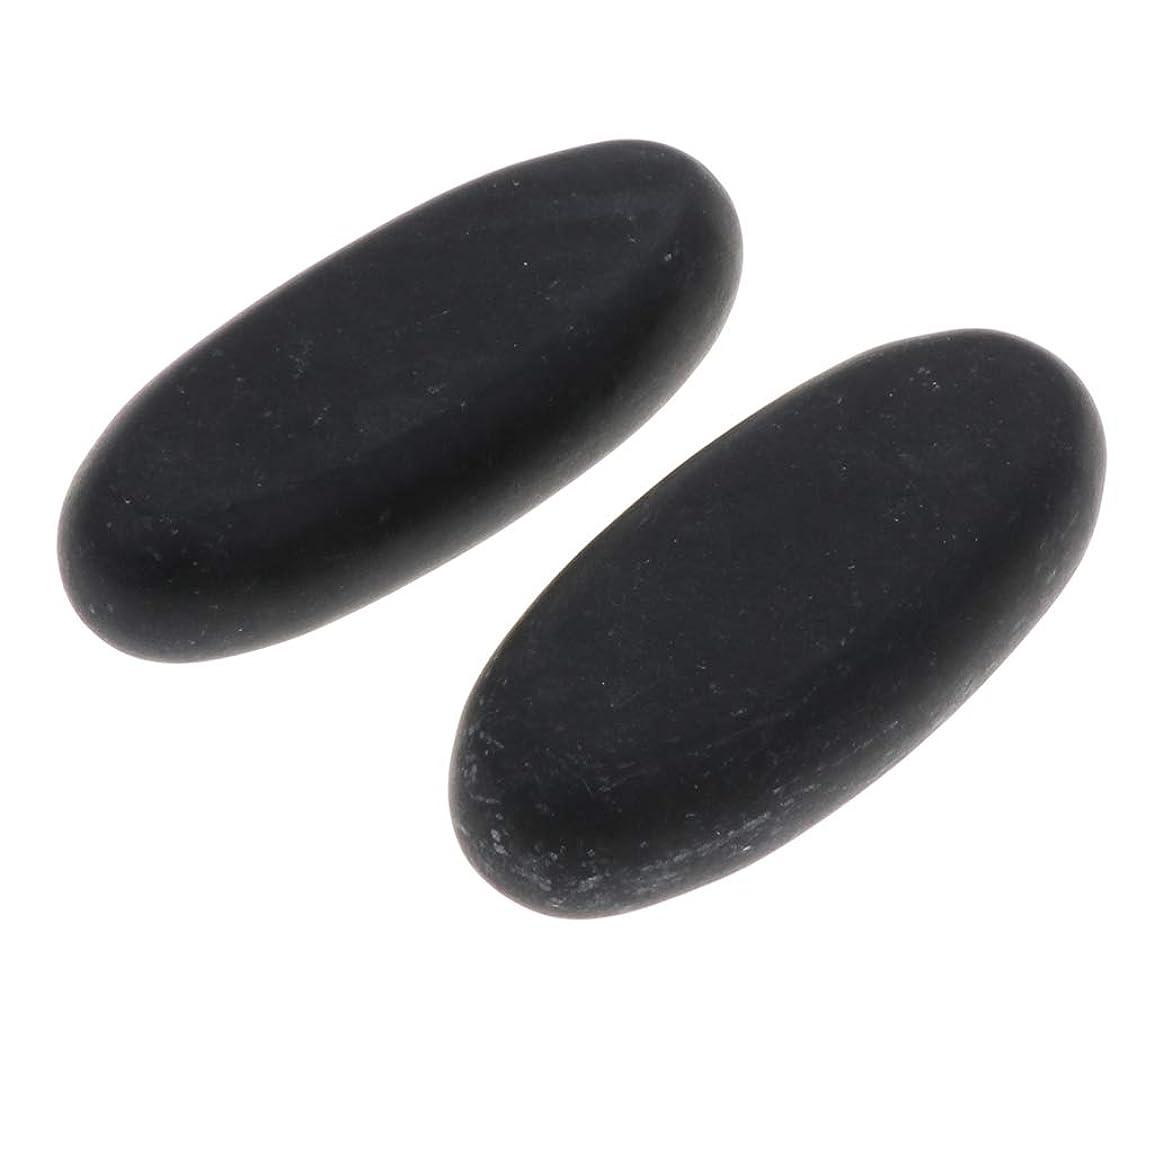 成功規制する少数D DOLITY マッサージ石 マッサージストーン 玄武岩 ボディマッサージ ツボ押し リラクゼーション 全2サイズ - 8×3.2×1.5cm